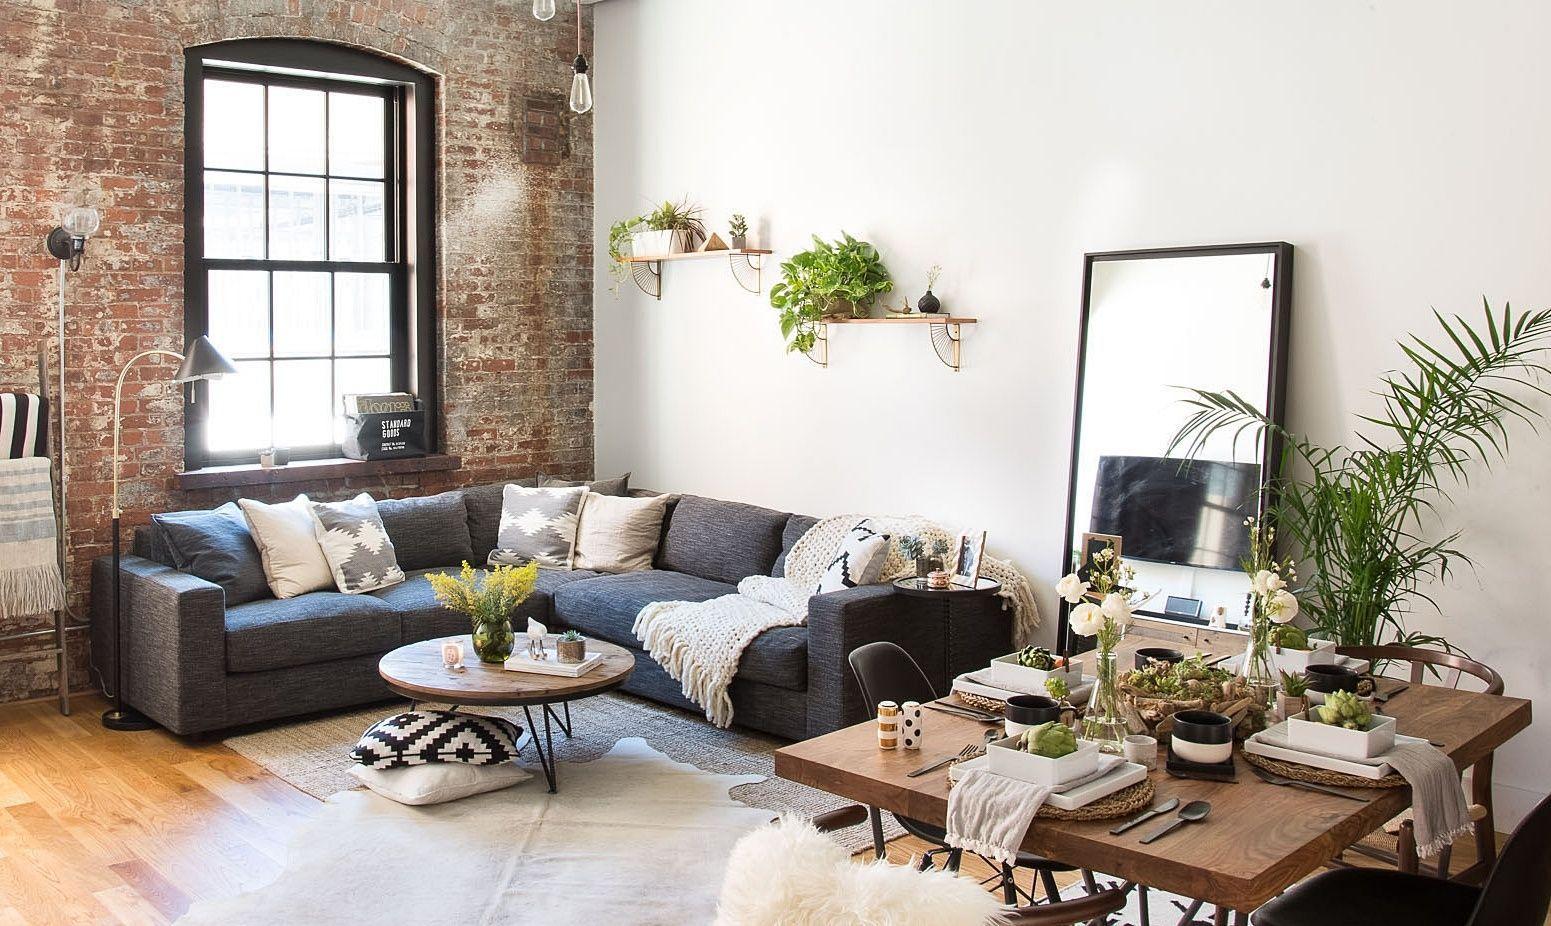 Consigue un hogar cálido y acogedor con estos cinco pasos @utrillanais